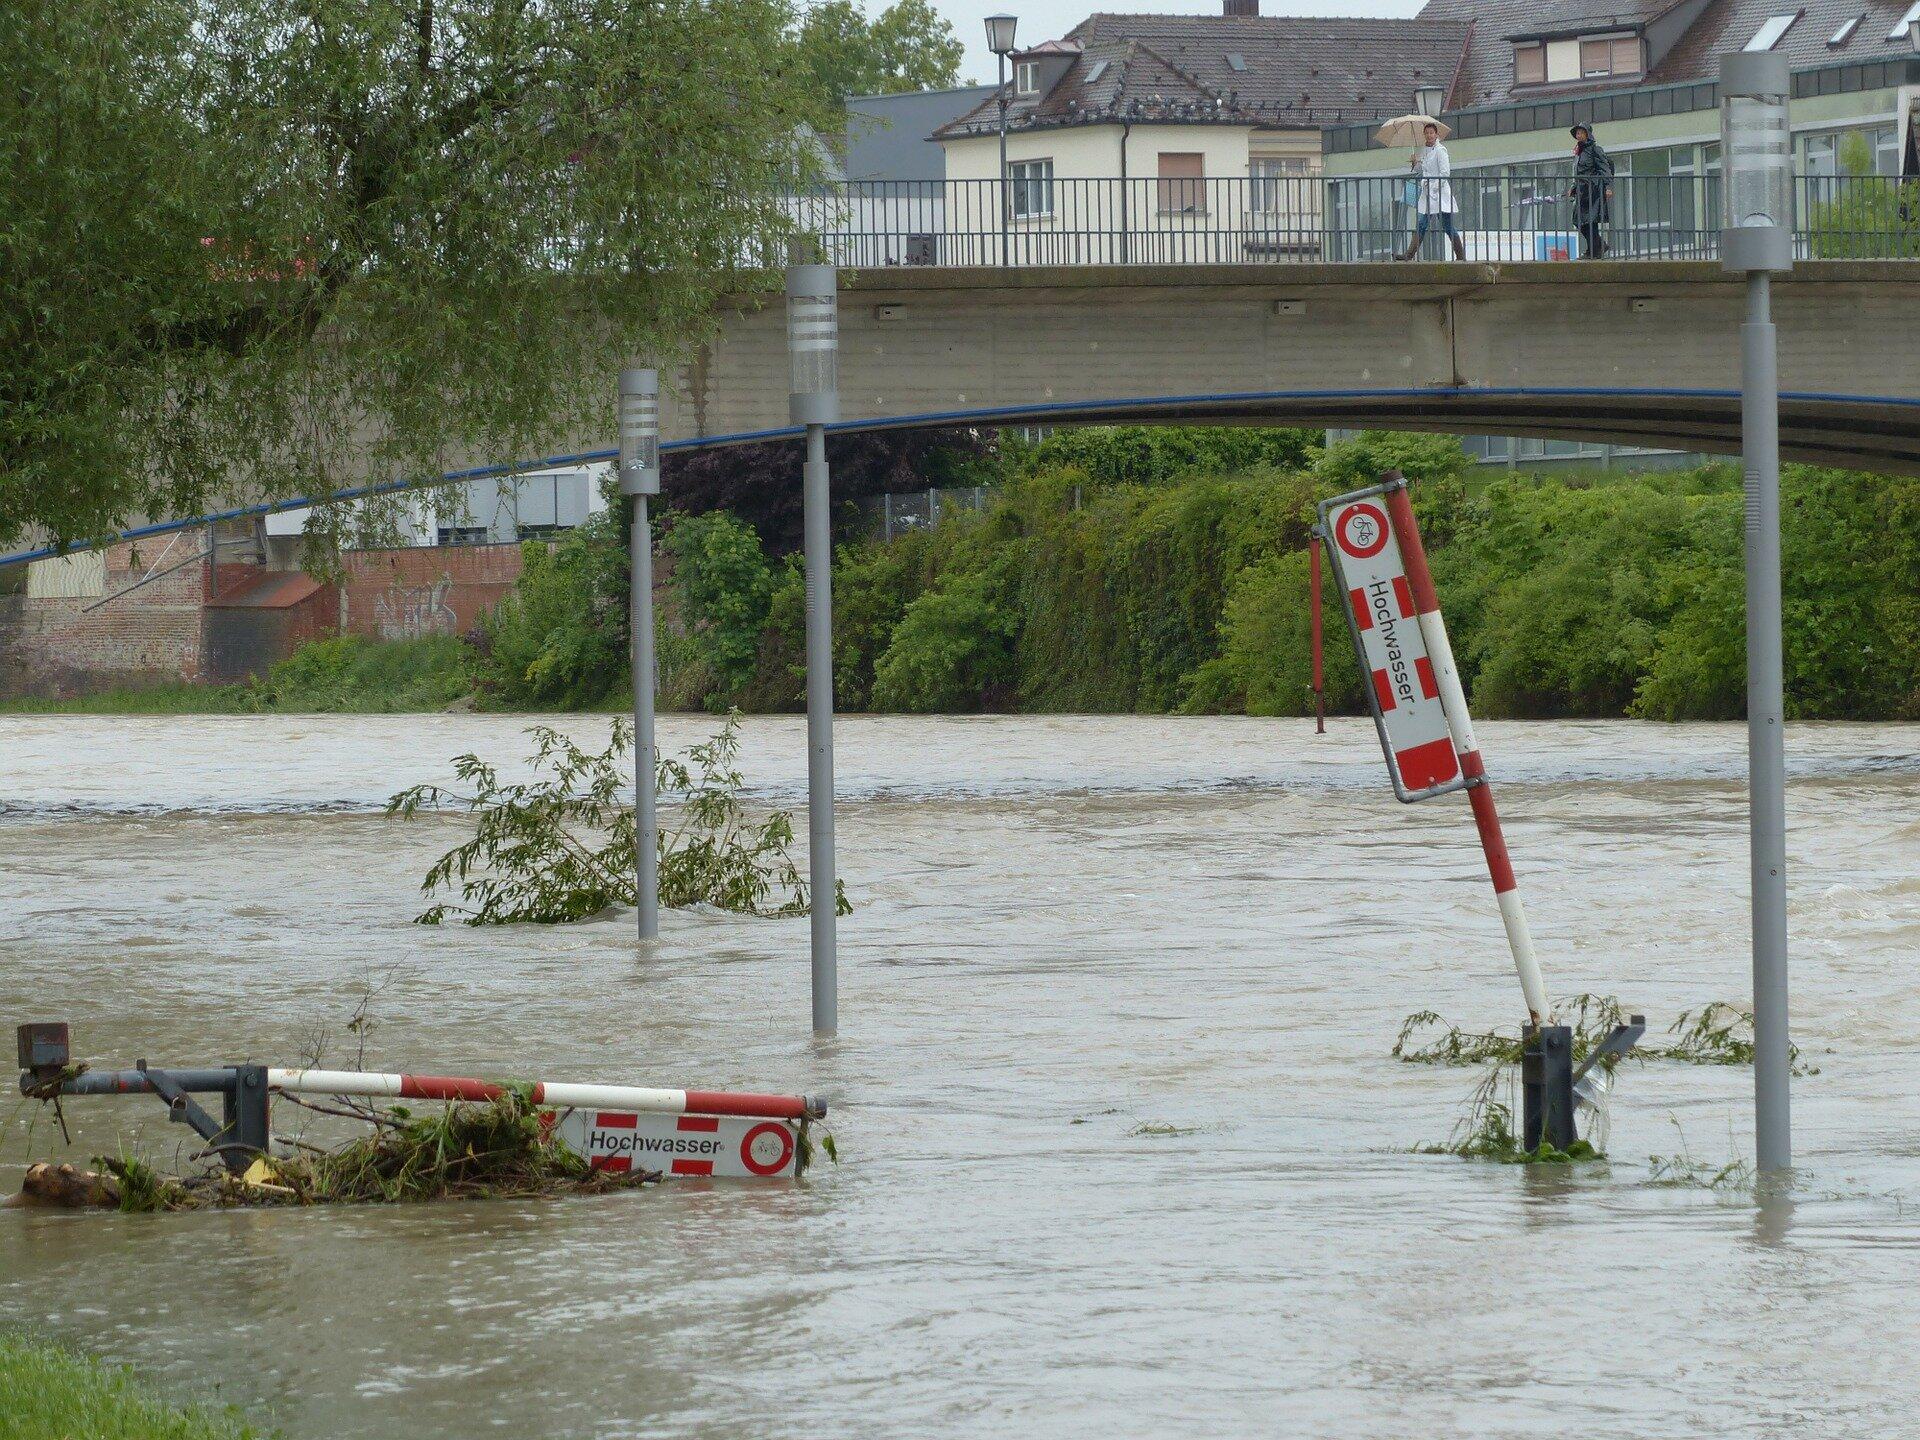 Zdjęcie przedstawia powódź wcentrum miasta. Deszczowy dzień. Na pierwszym planie koryto rzeki. Poziom wody sięga do połowy latarni wzdłuż brzegu rzeki. Na powierzchni unoszą się gałęzie drzew. Nad rzeką betonowy most. Wtle, na przeciwnym brzegu rzeki zabudowania miejskie.